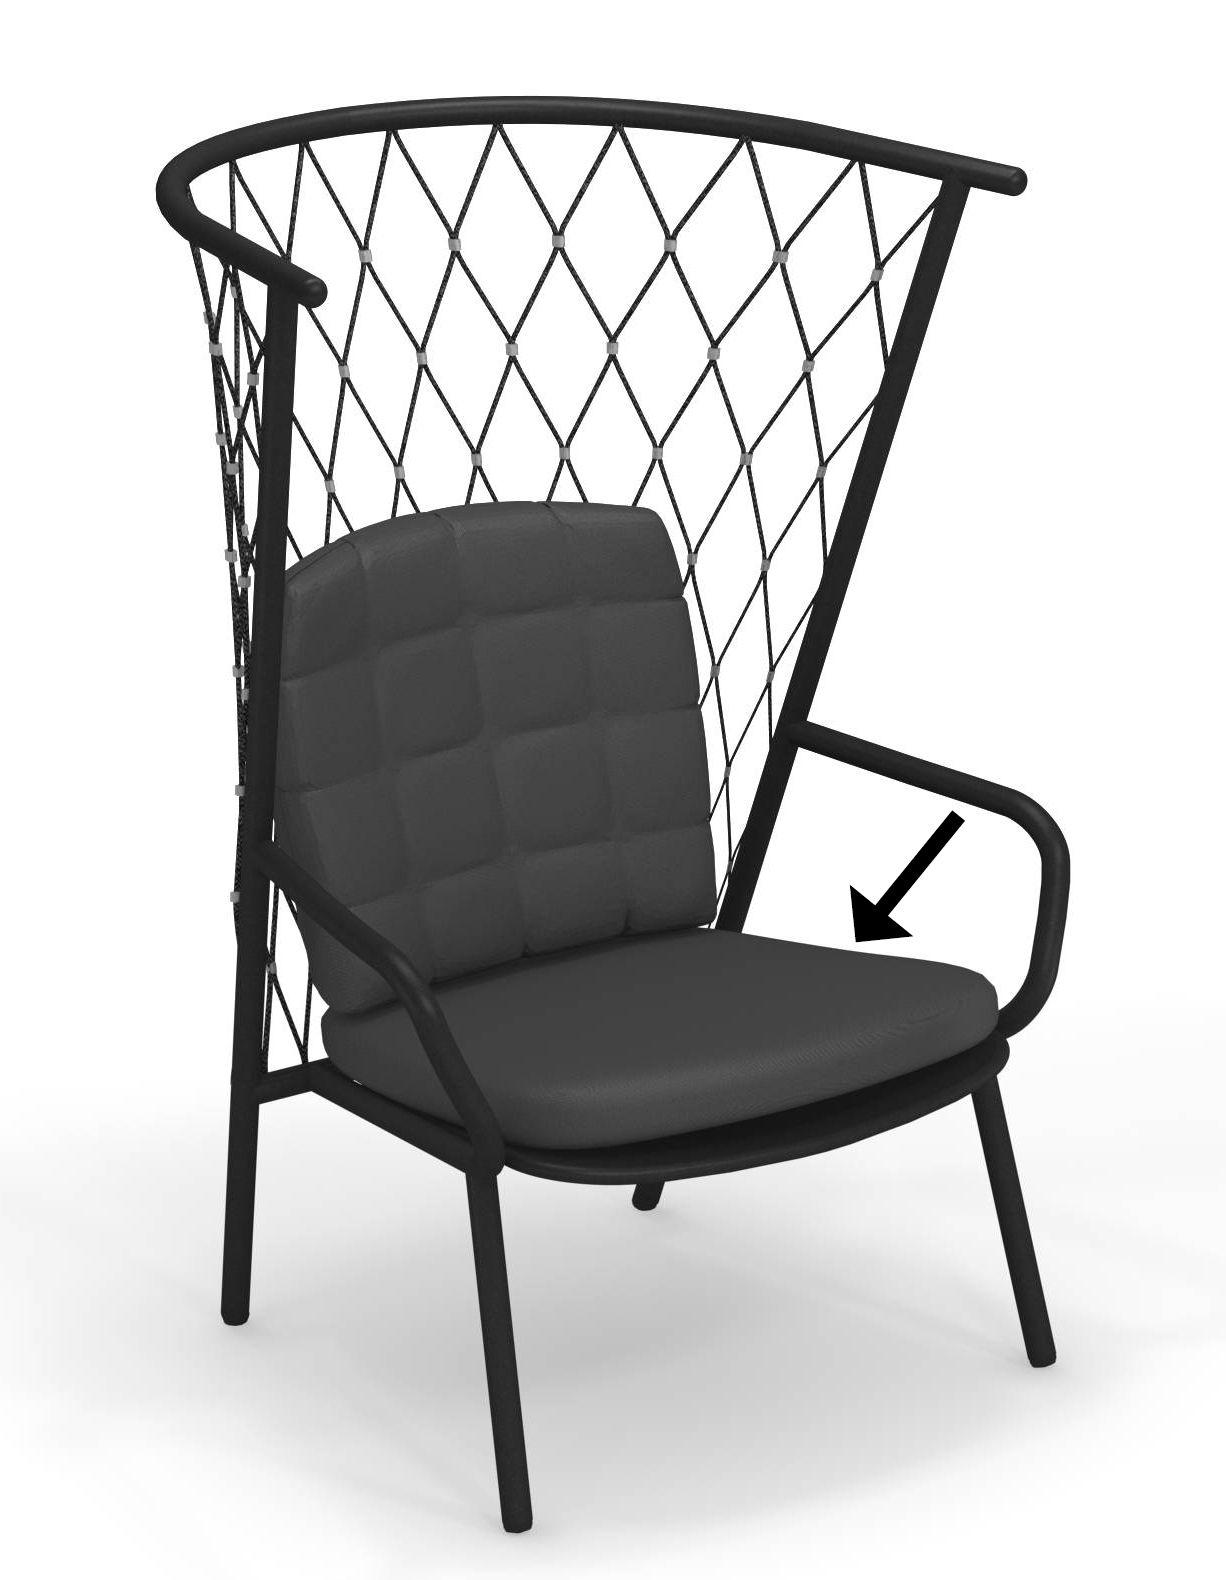 Mobilier - Fauteuils - Coussin assise & dossier / Pour fauteuils bas Nef - Emu - Gris foncé - Mousse, Tissu acrylique